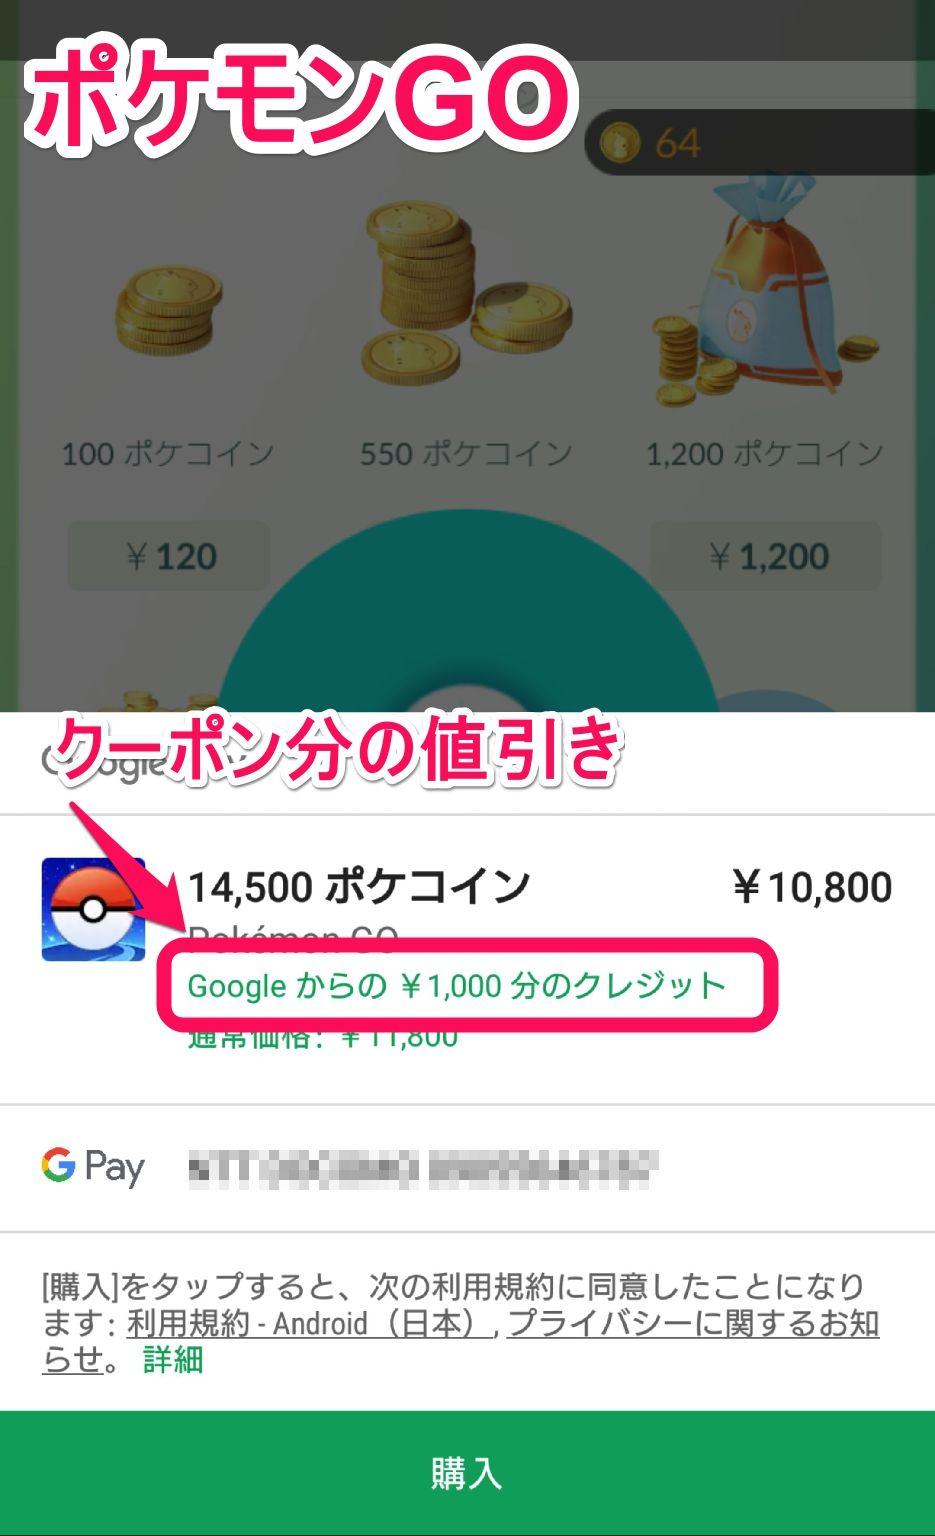 Google Playで8月3日分の1,000円クーポンが配布スタート!